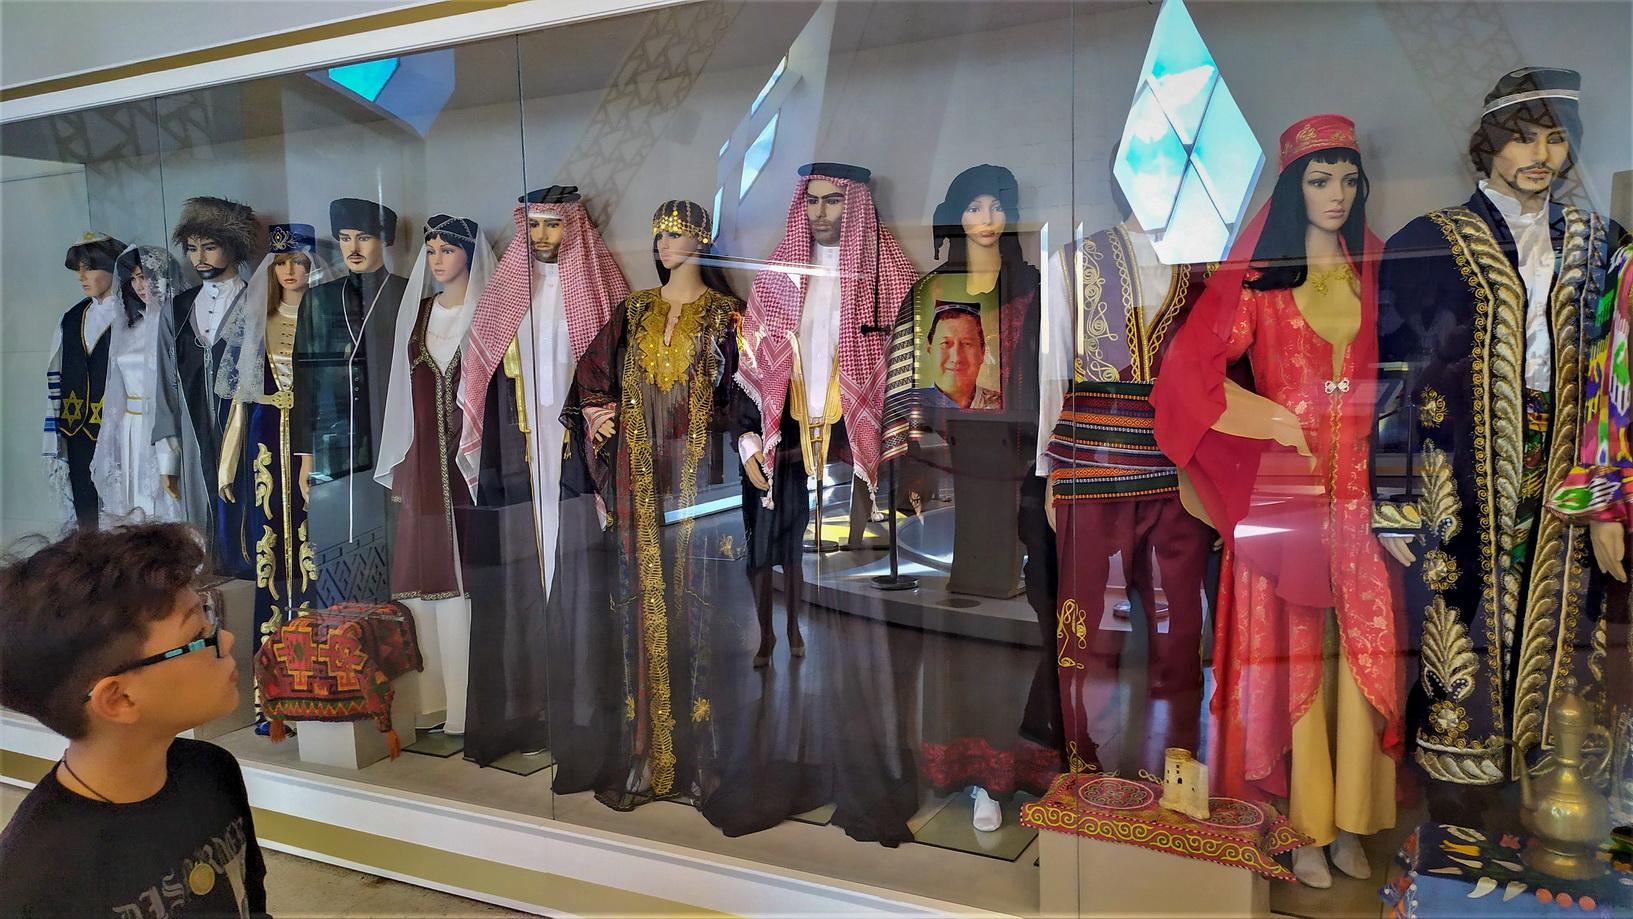 Во Дворце мира и согласия есть экскурсии с показом разных экспонатов, в том числе национальных костюмов народов мира.